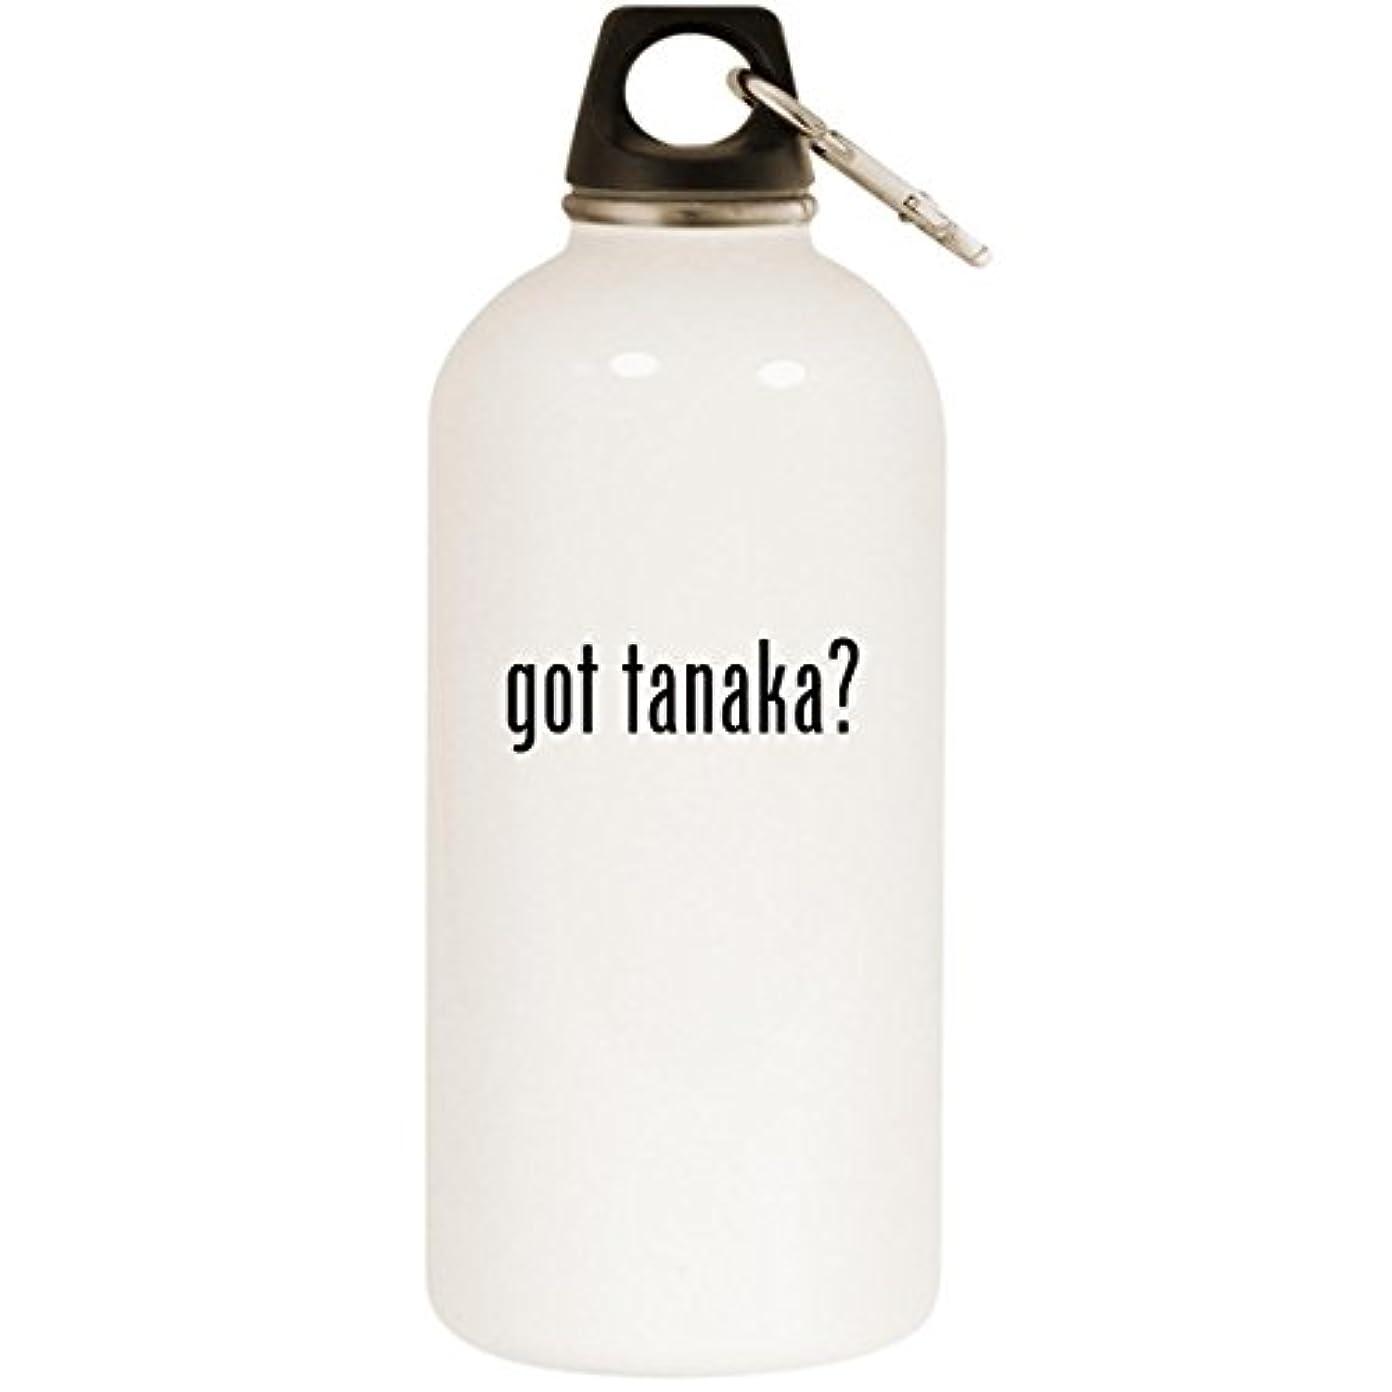 Got田中? – ホワイト20ozステンレススチールウォーターボトルカラビナ